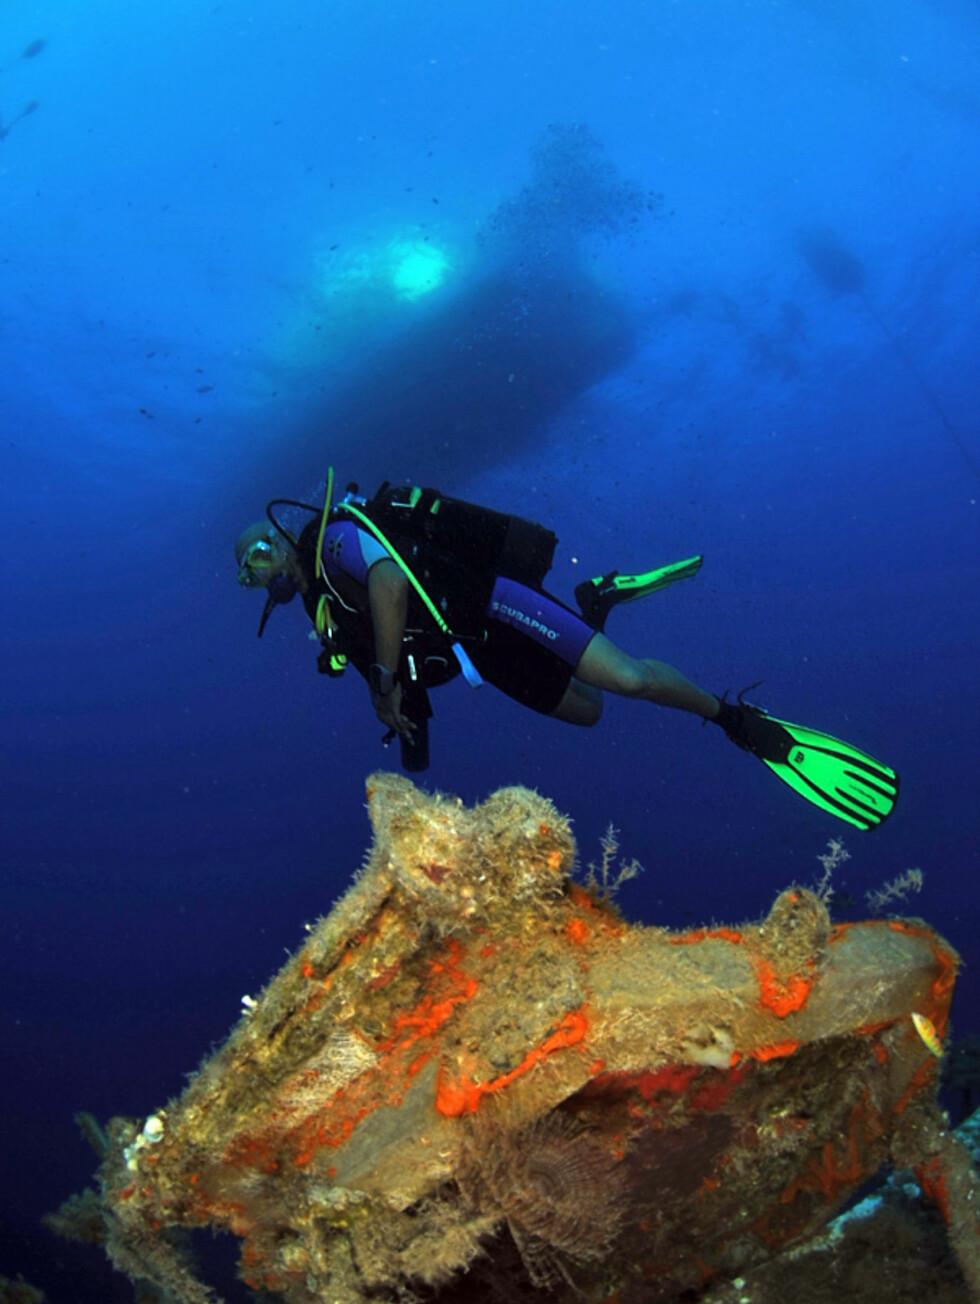 Det klare vannet på Kypros gjør dykkingen til en flott opplevelse.  Foto:  Louis Tsiakkiros, Aphrodite 2009